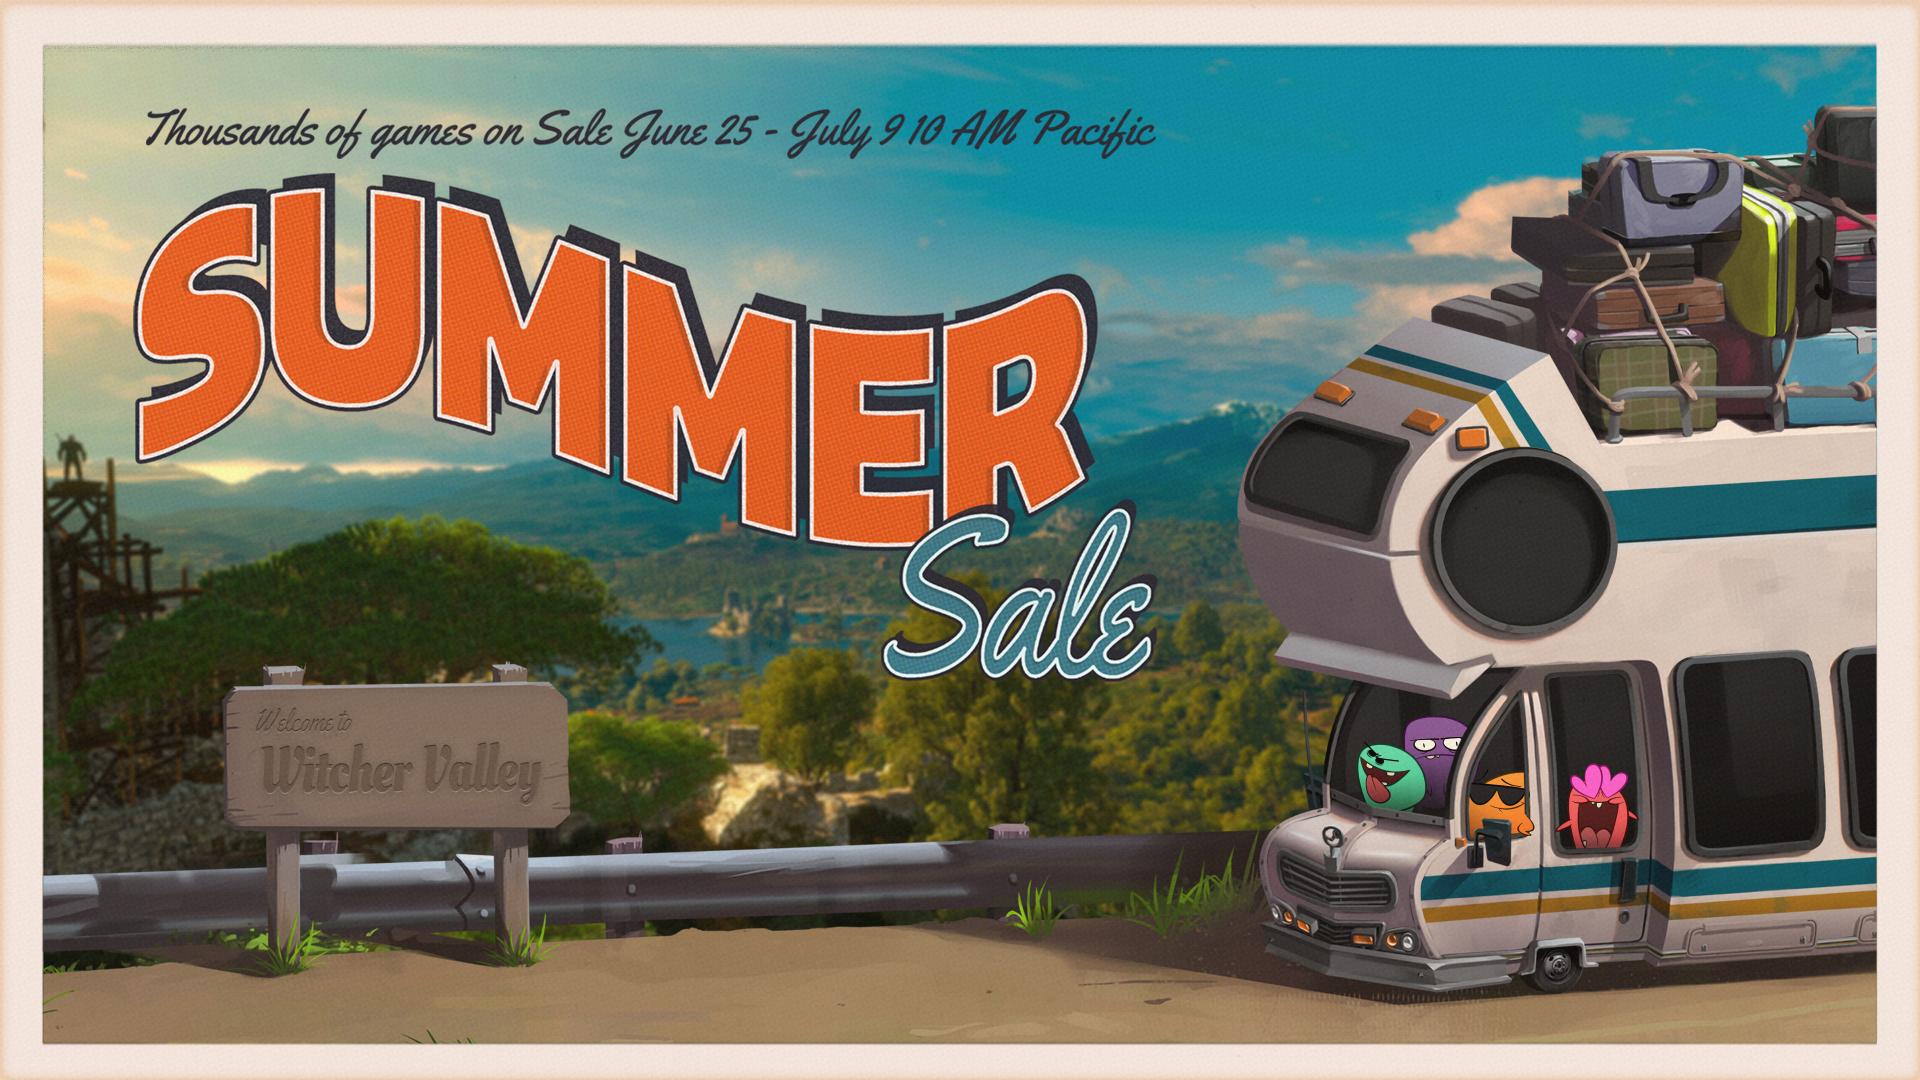 [VERZAMELTOPIC] Steam Summer Sale 2020 | Beste deals